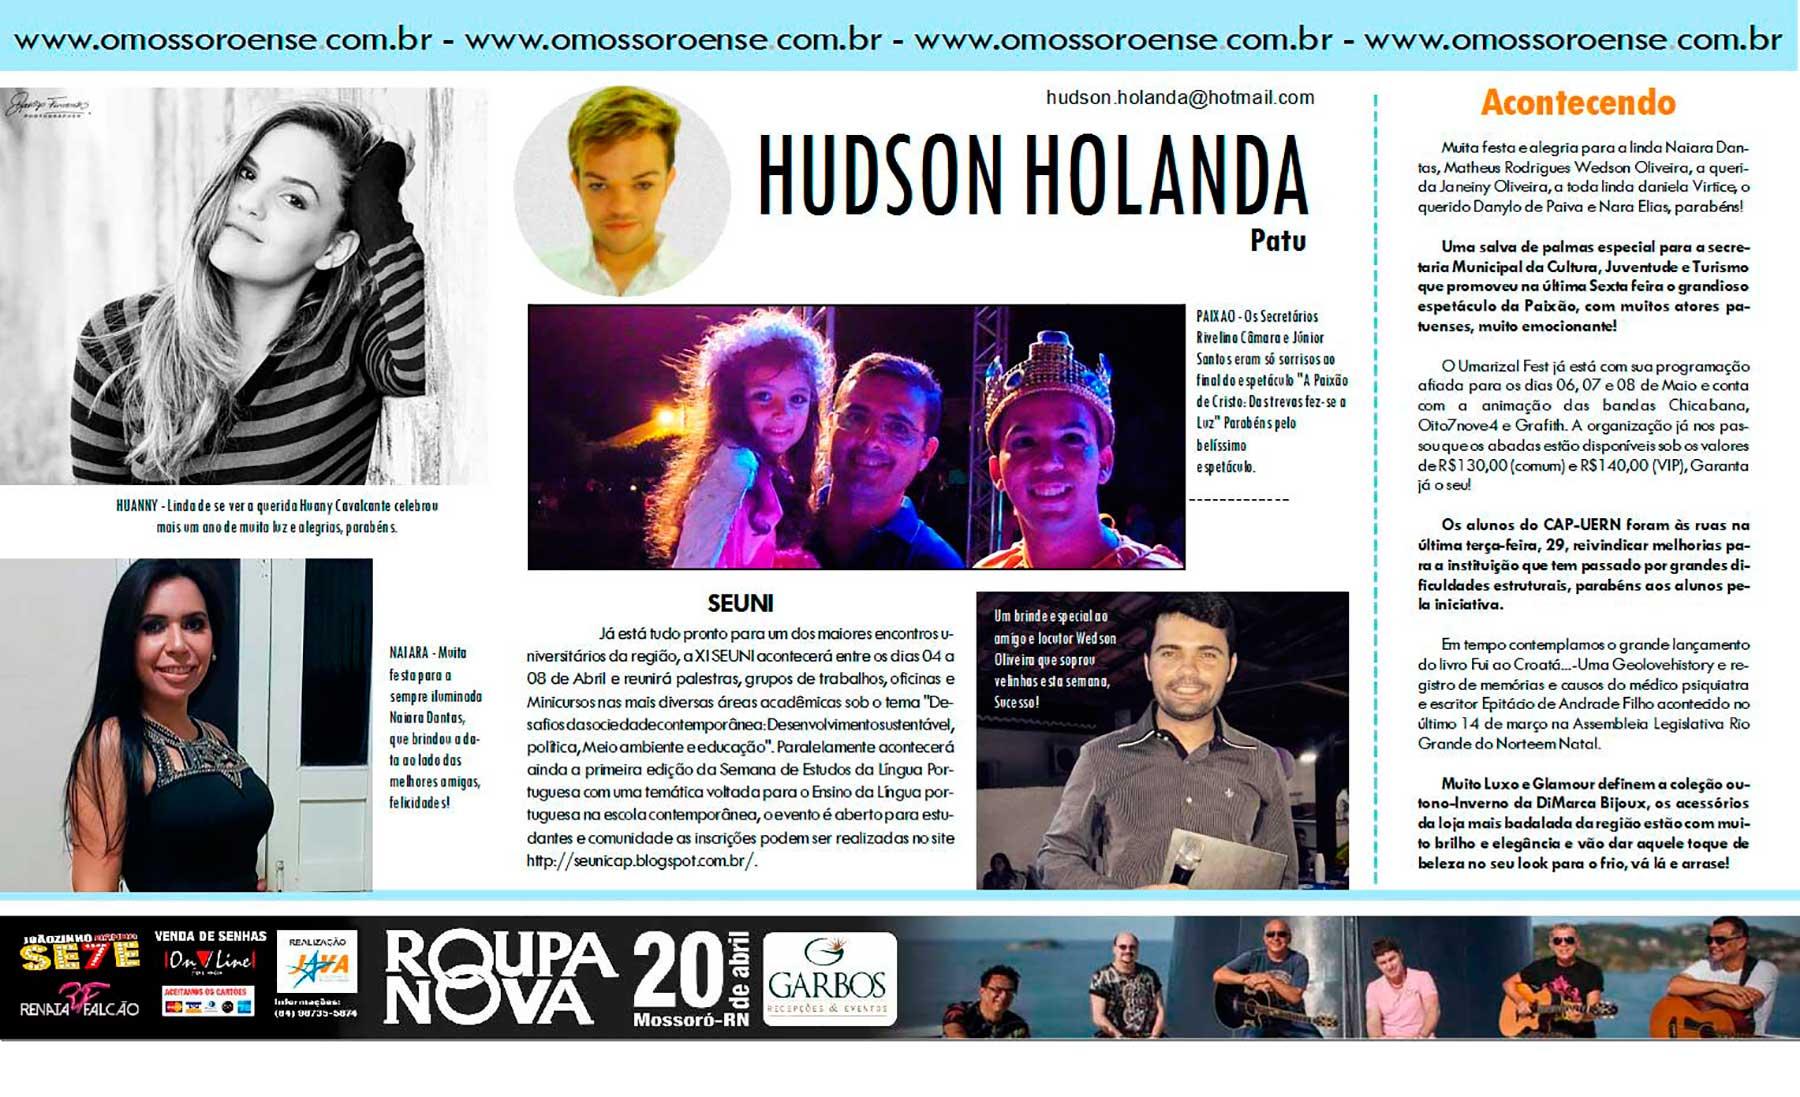 HUDSON-HOLANDA-01-04-16